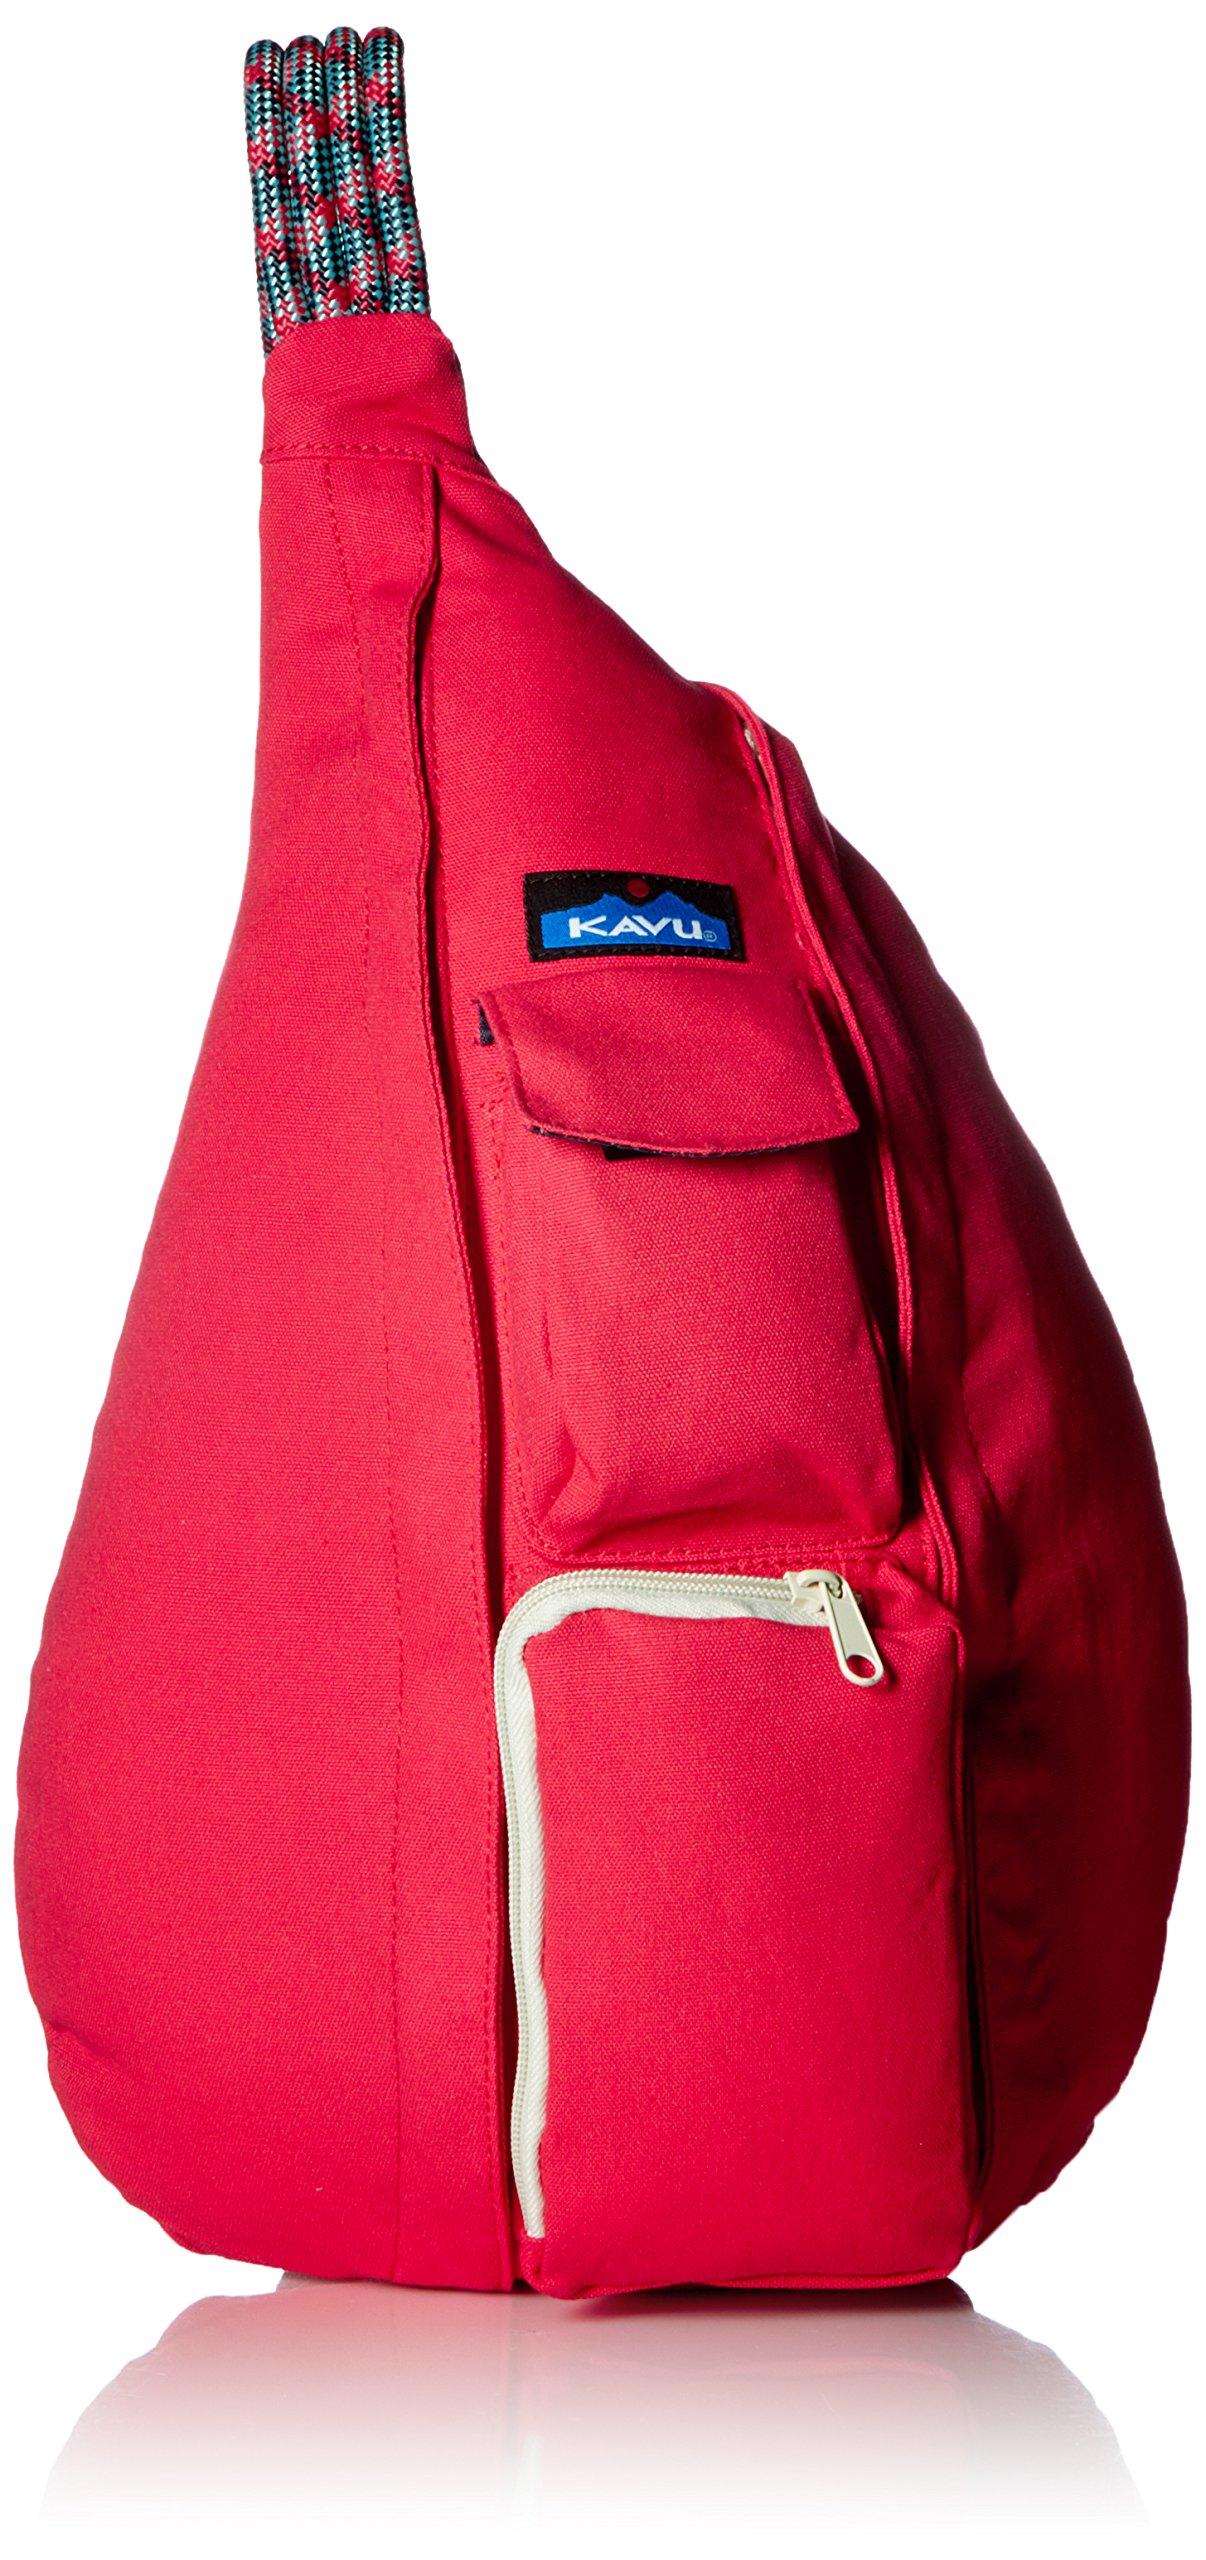 KAVU Rope Bag, Cardinal, One Size